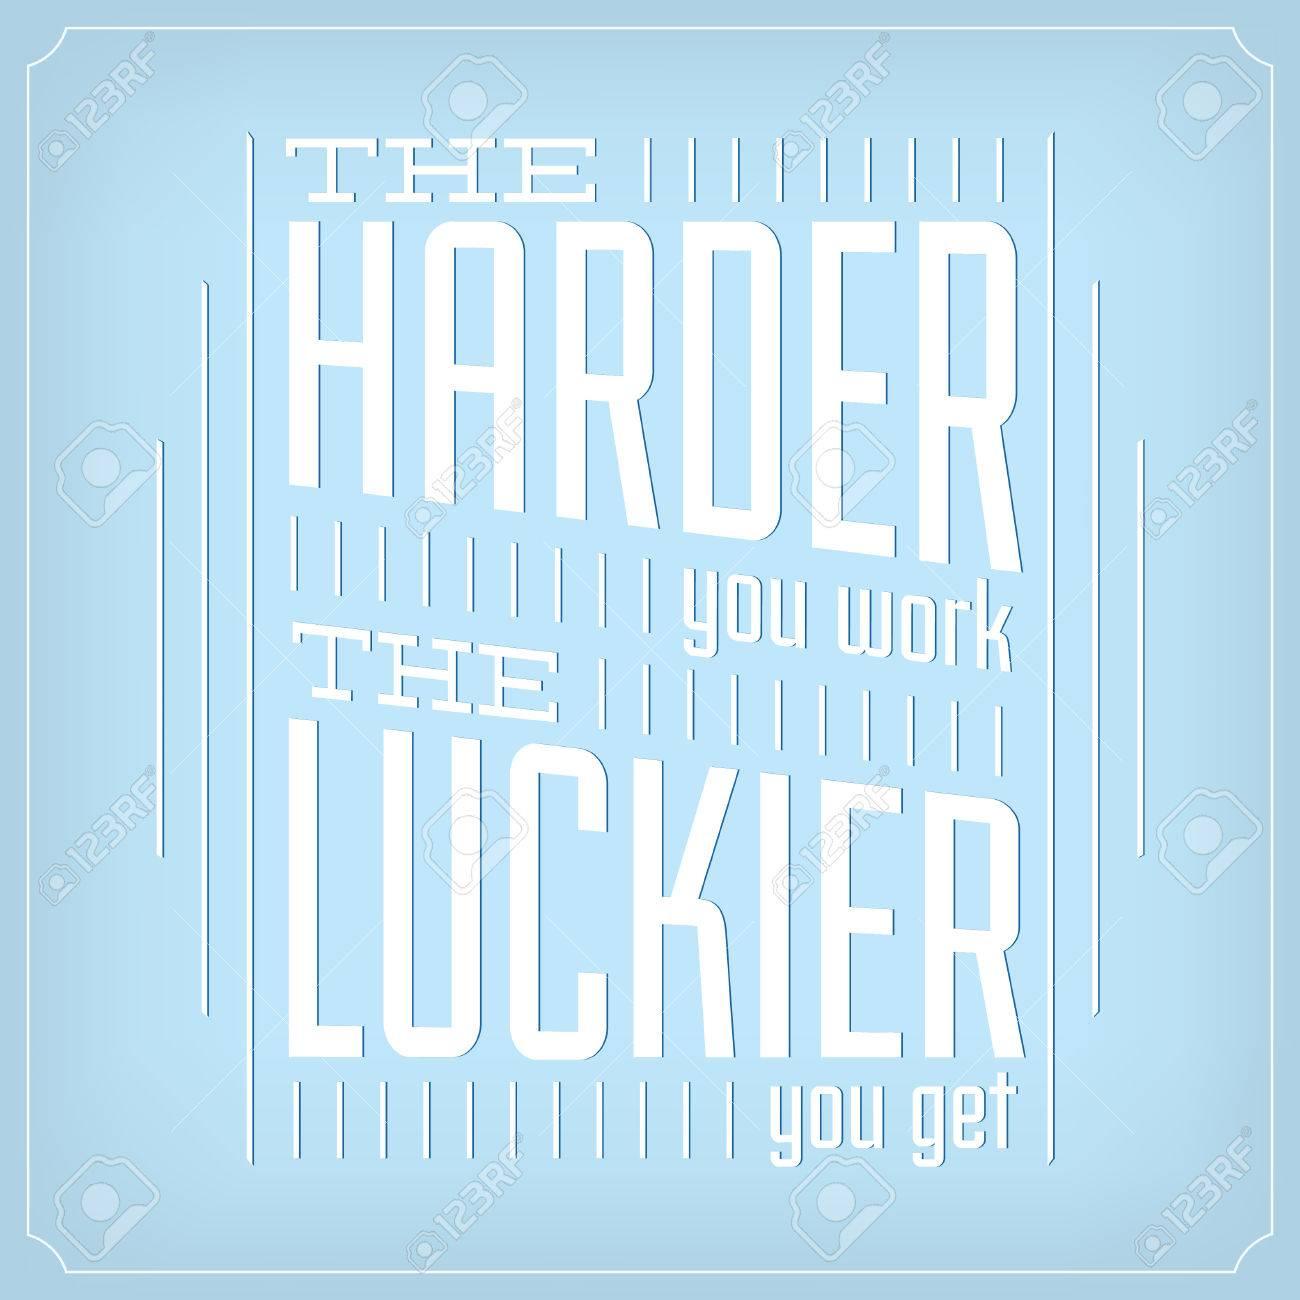 Je Härter Man Arbeitet Die Luckier Sie Angebot Einholen Typographic